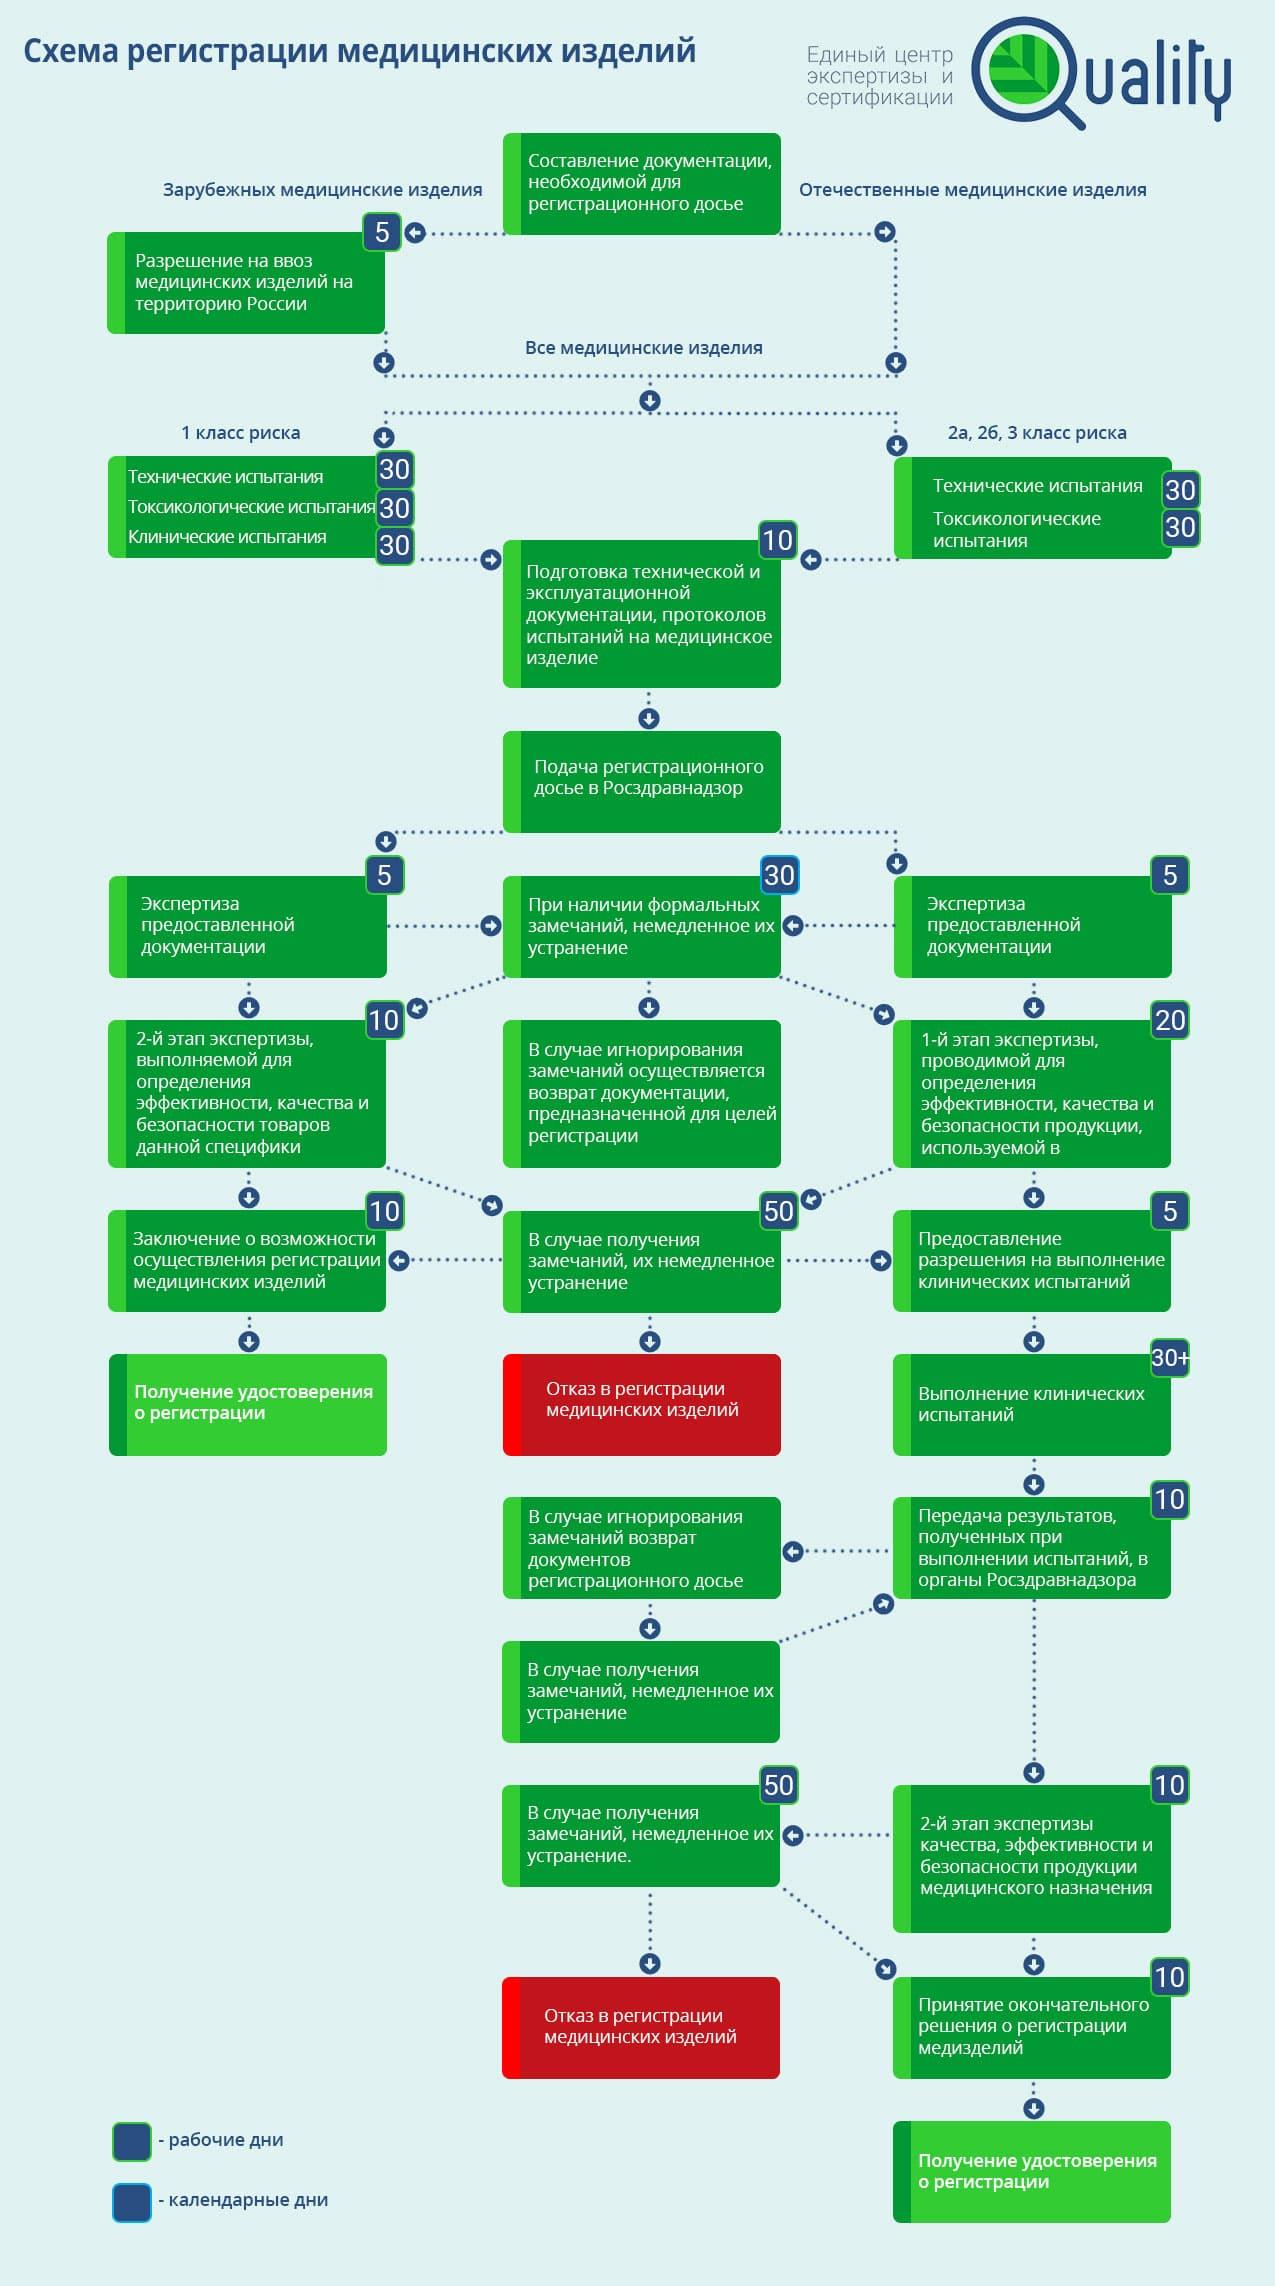 этапы регистрации медицинских изделий